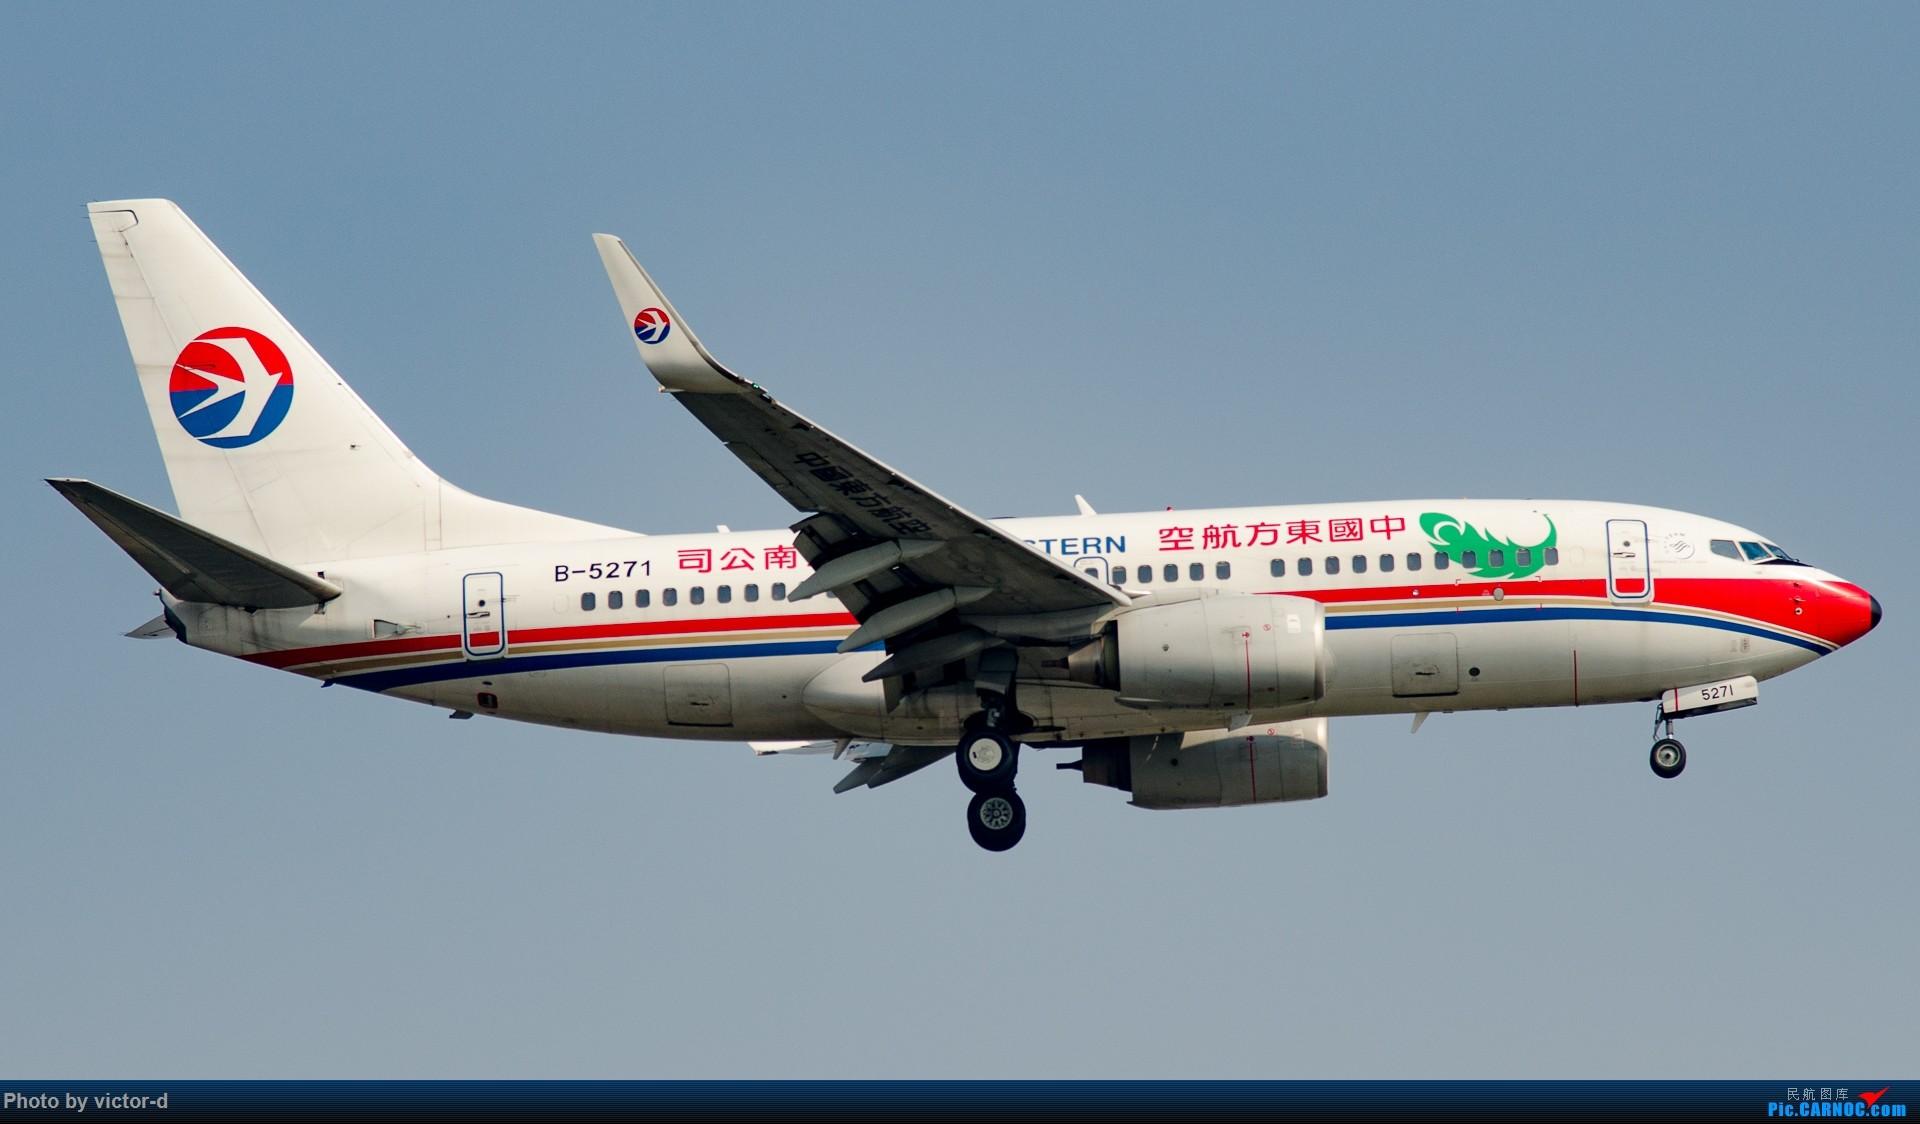 Re:[原创]【上海飞友会】拍机记录帖-记录这些年拍到的飞机-不定期更新 BOEING 737-700 B-5271 中国上海虹桥国际机场